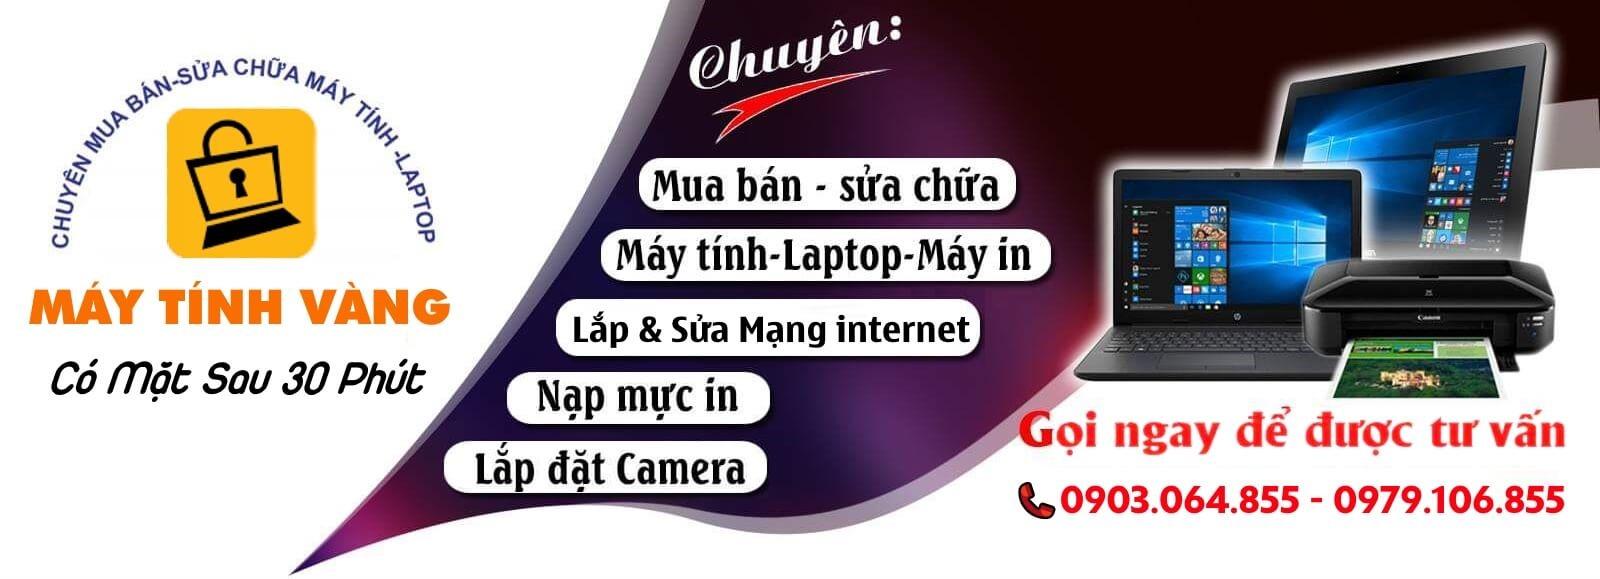 Máy Tính Vàng – Chuyên sửa laptop Phú Nhuận hàng đầu hiện nay.